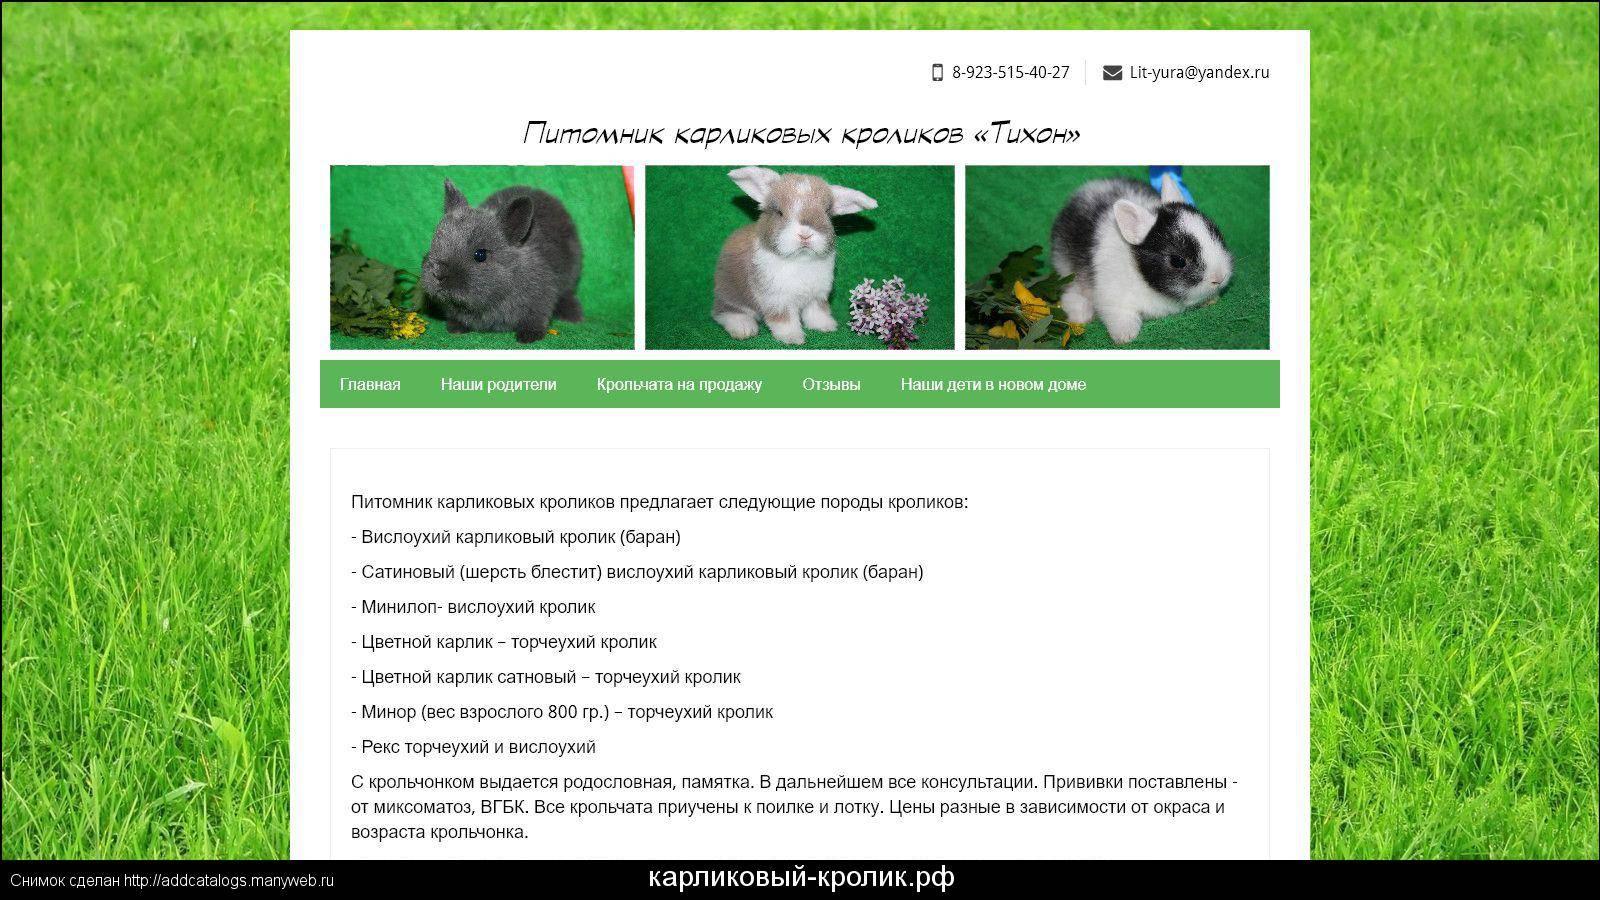 Сколько живут кролики? средняя продолжительность жизни в домашних условиях. как определить возраст кролика? каков срок жизни кроликов в природе?